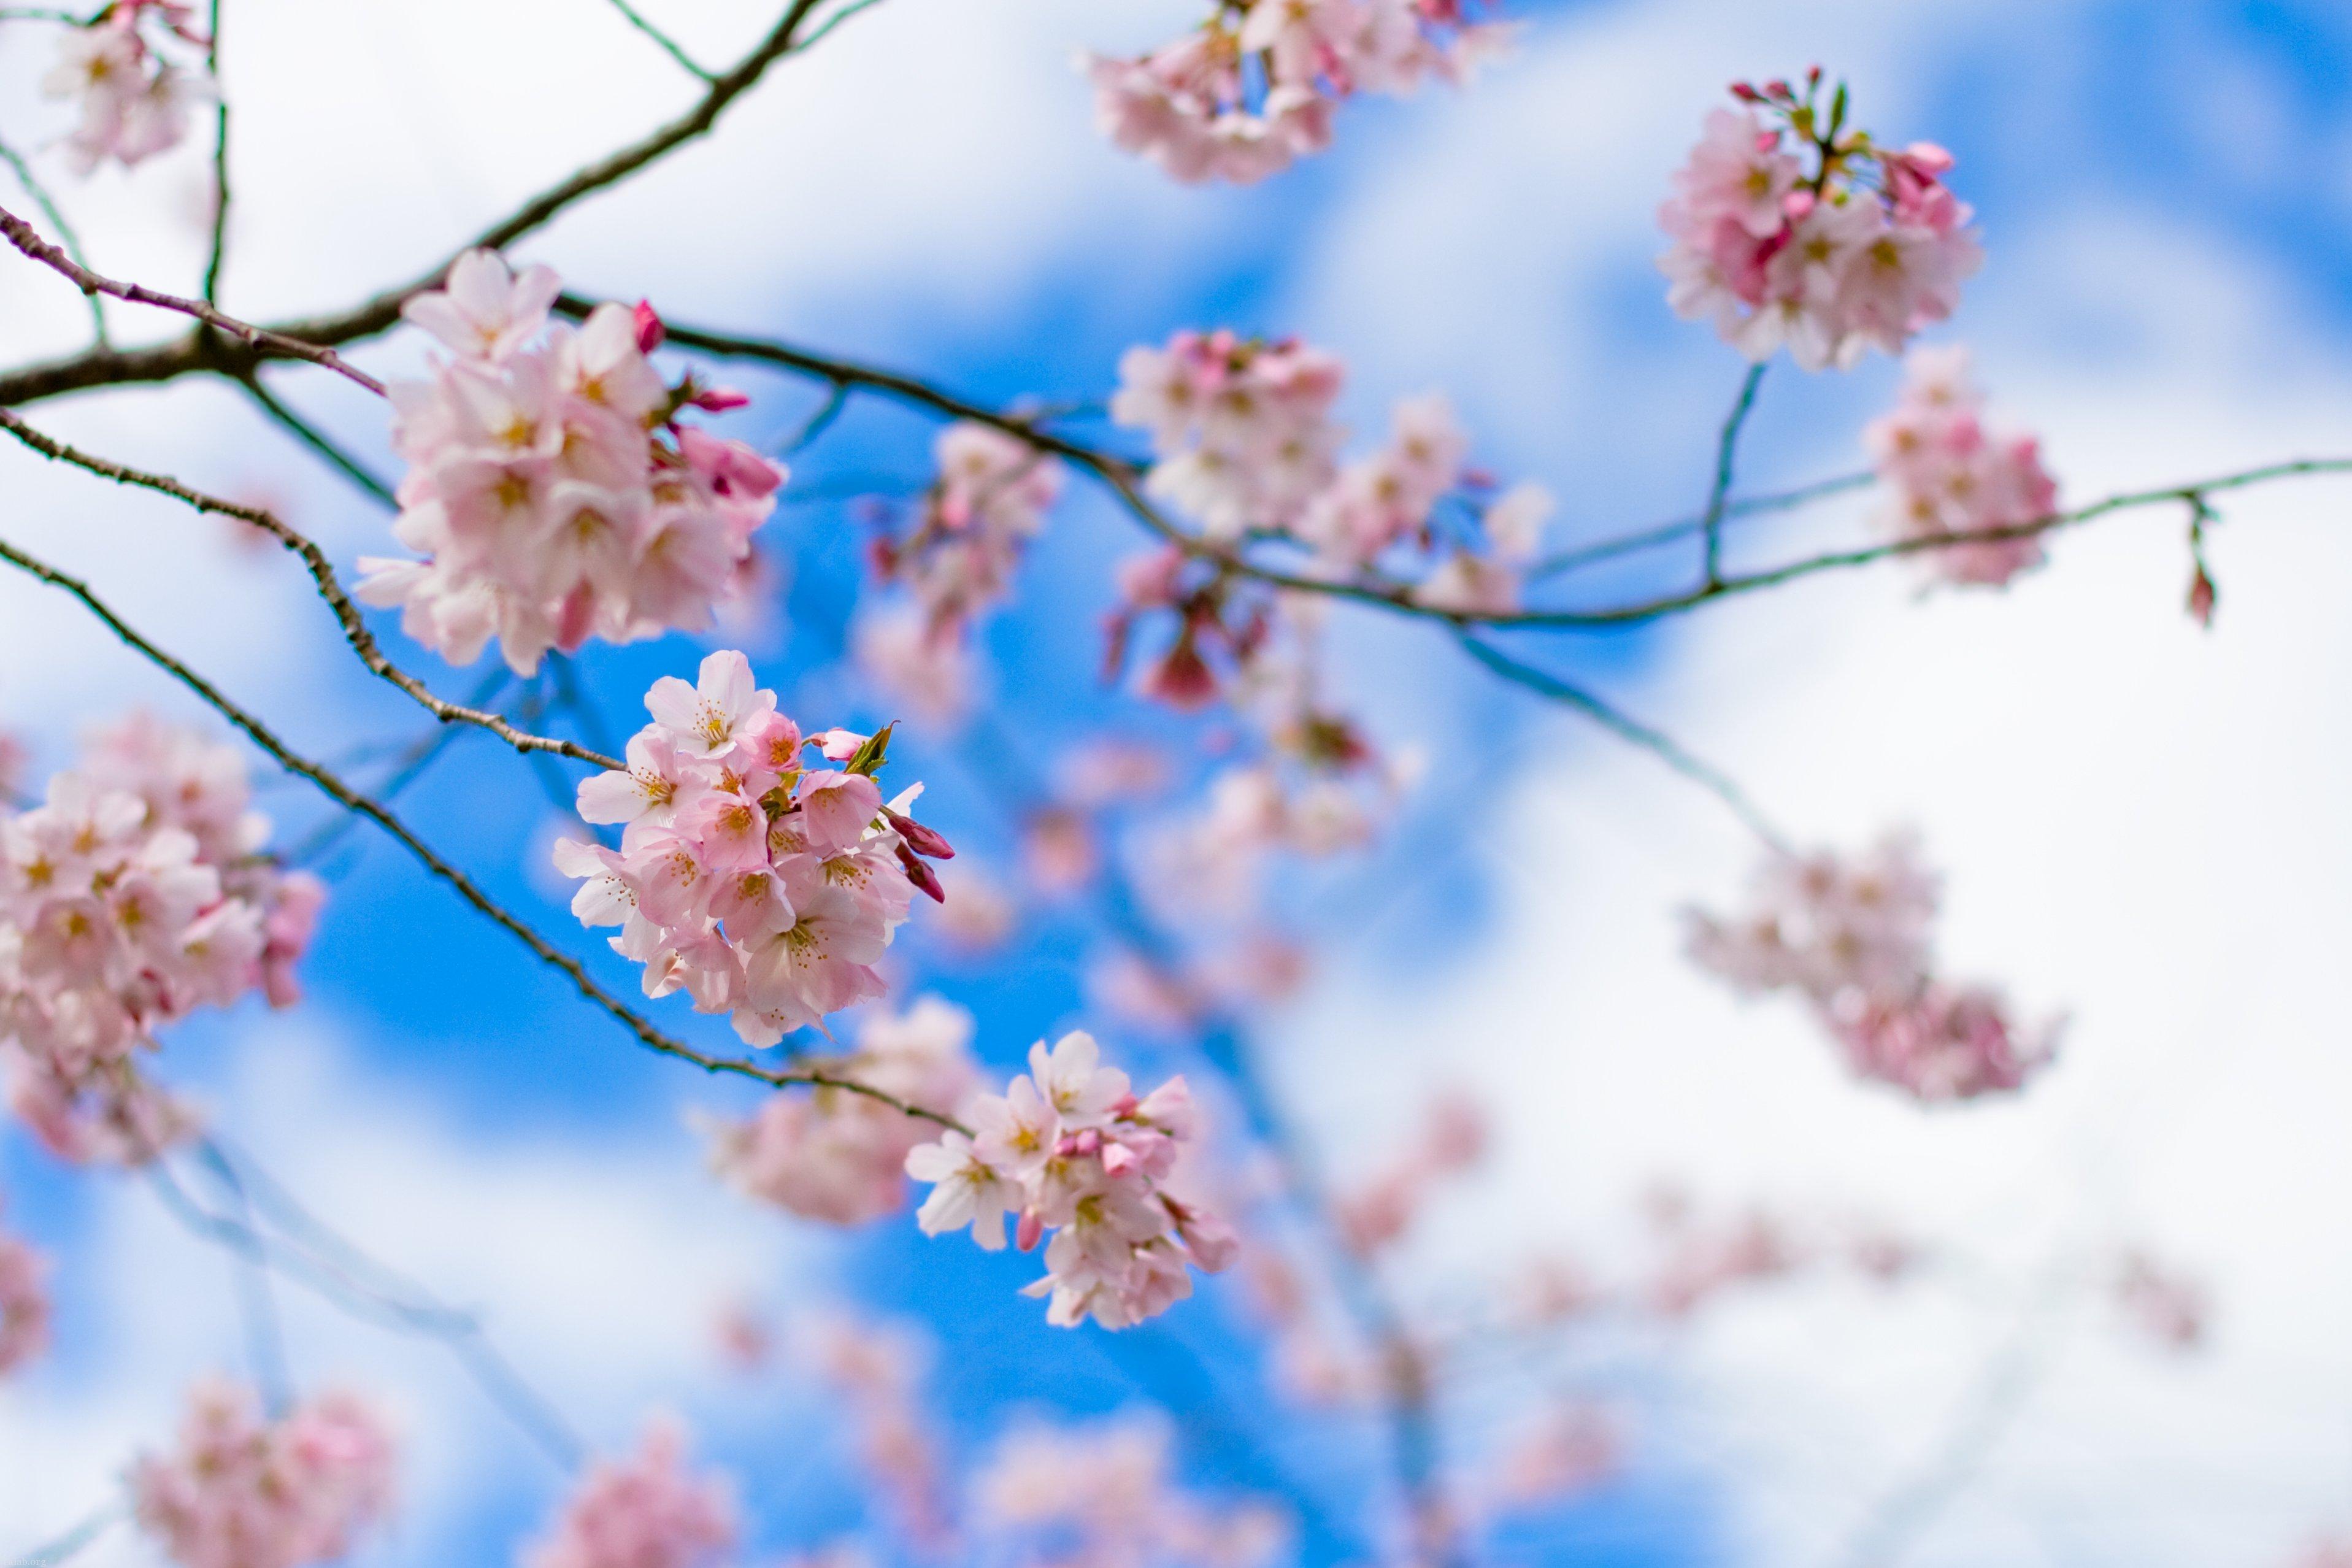 عکس های پروفایل بهاری از طبیعت | عکس طبیعت بهاری برای پروفایل